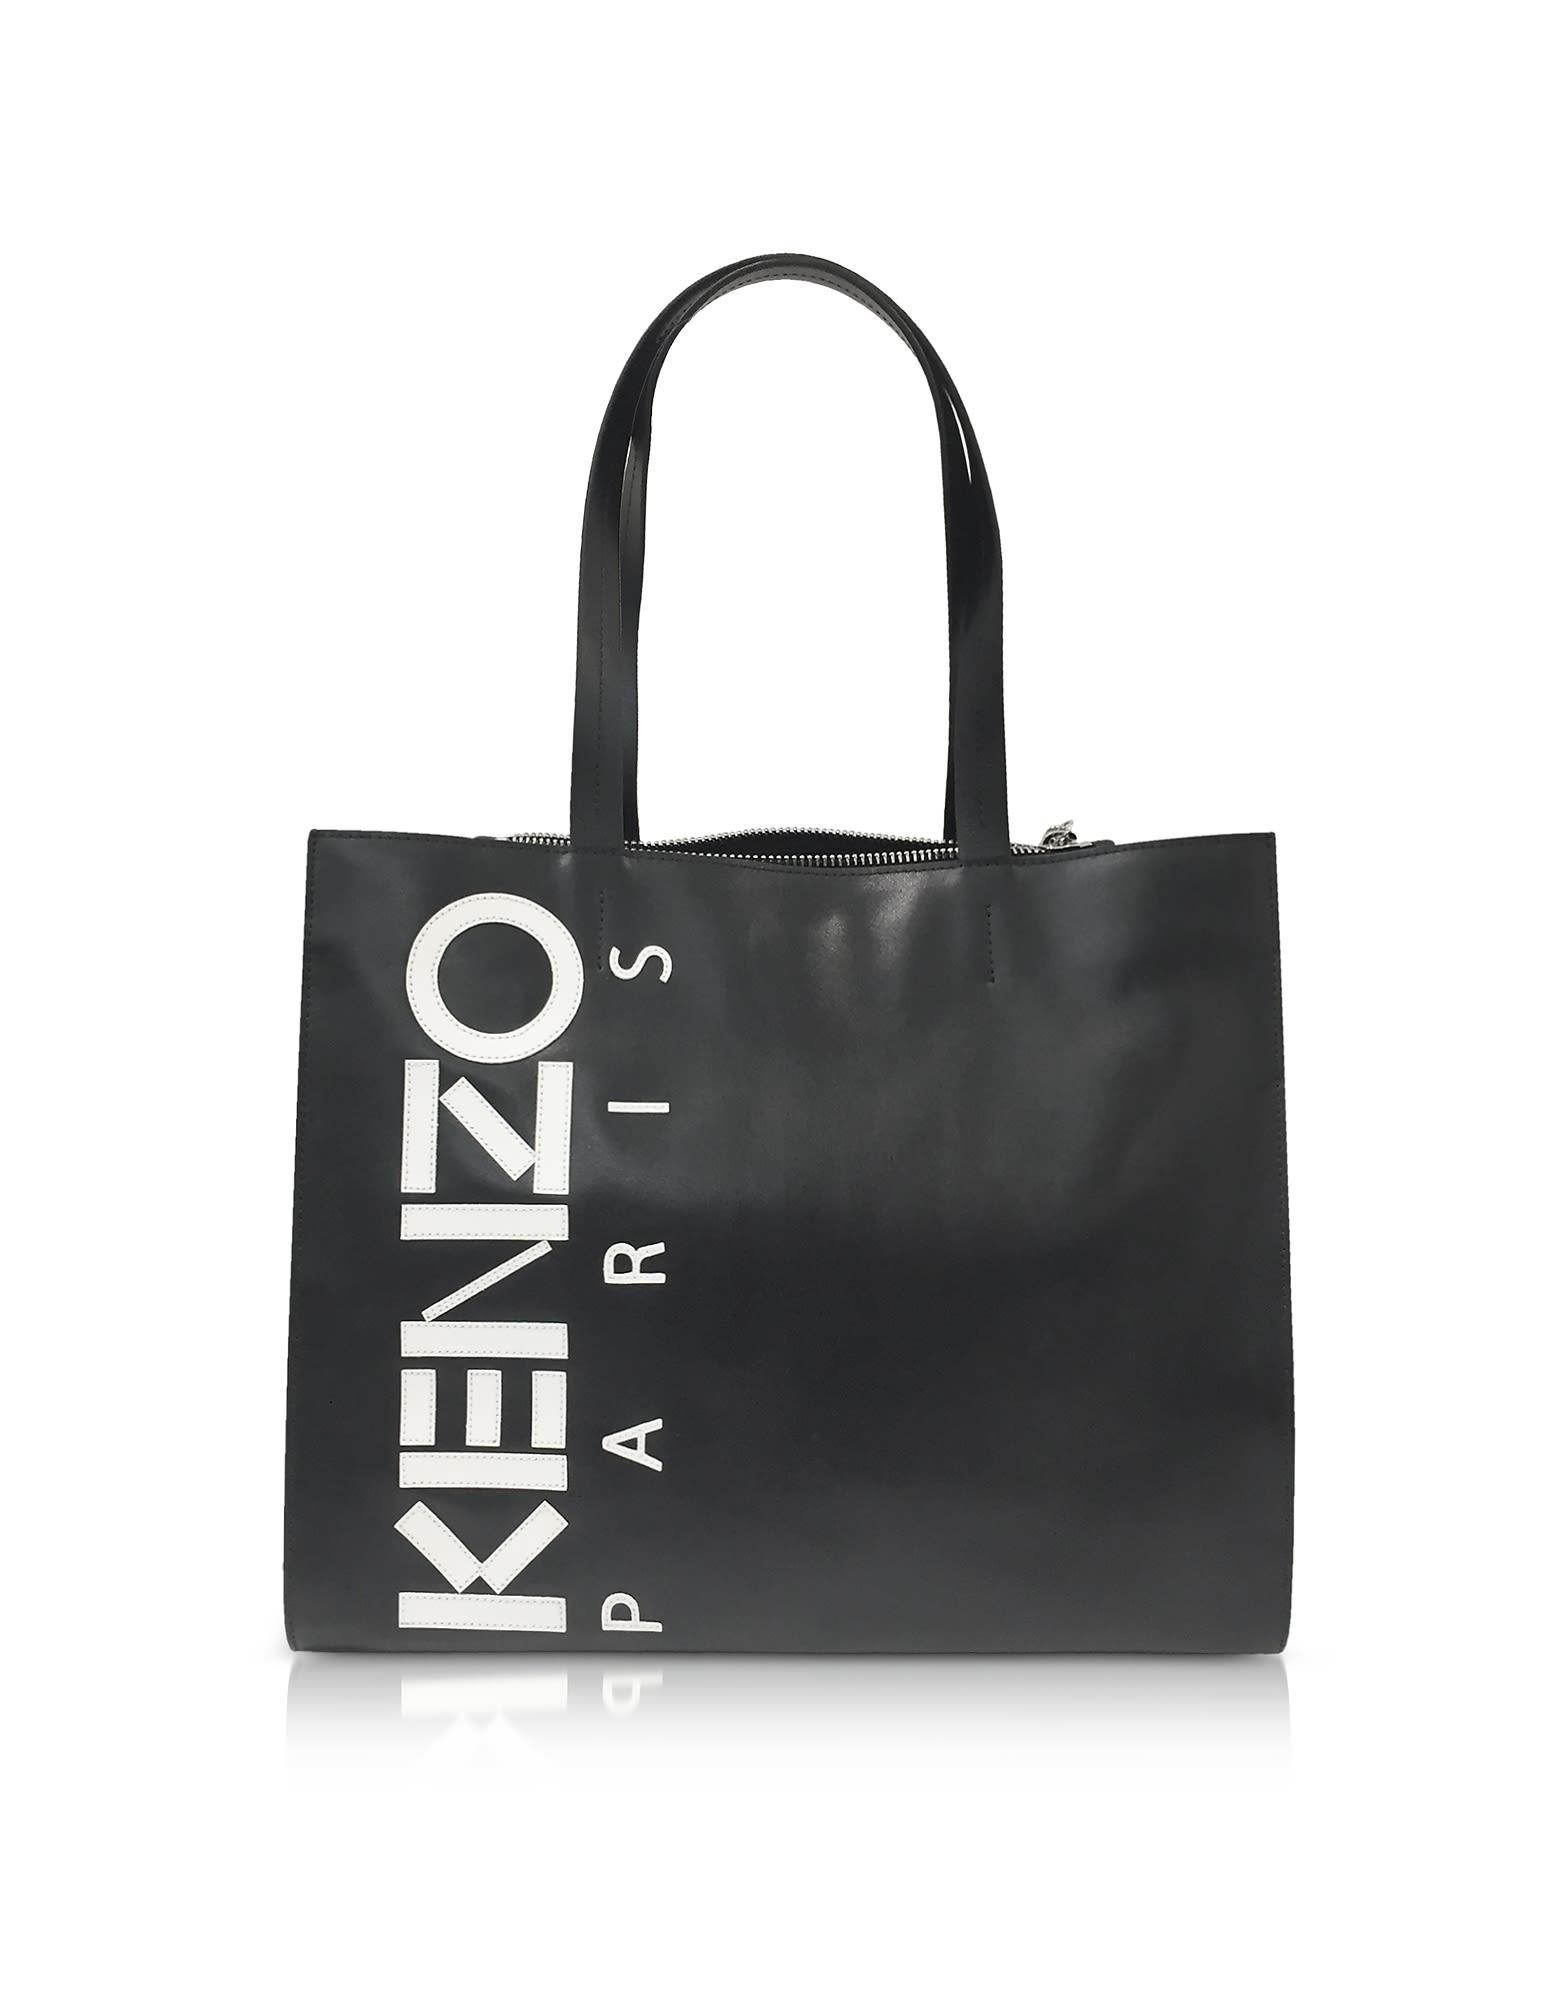 KENZO Logo Print Tote in Black